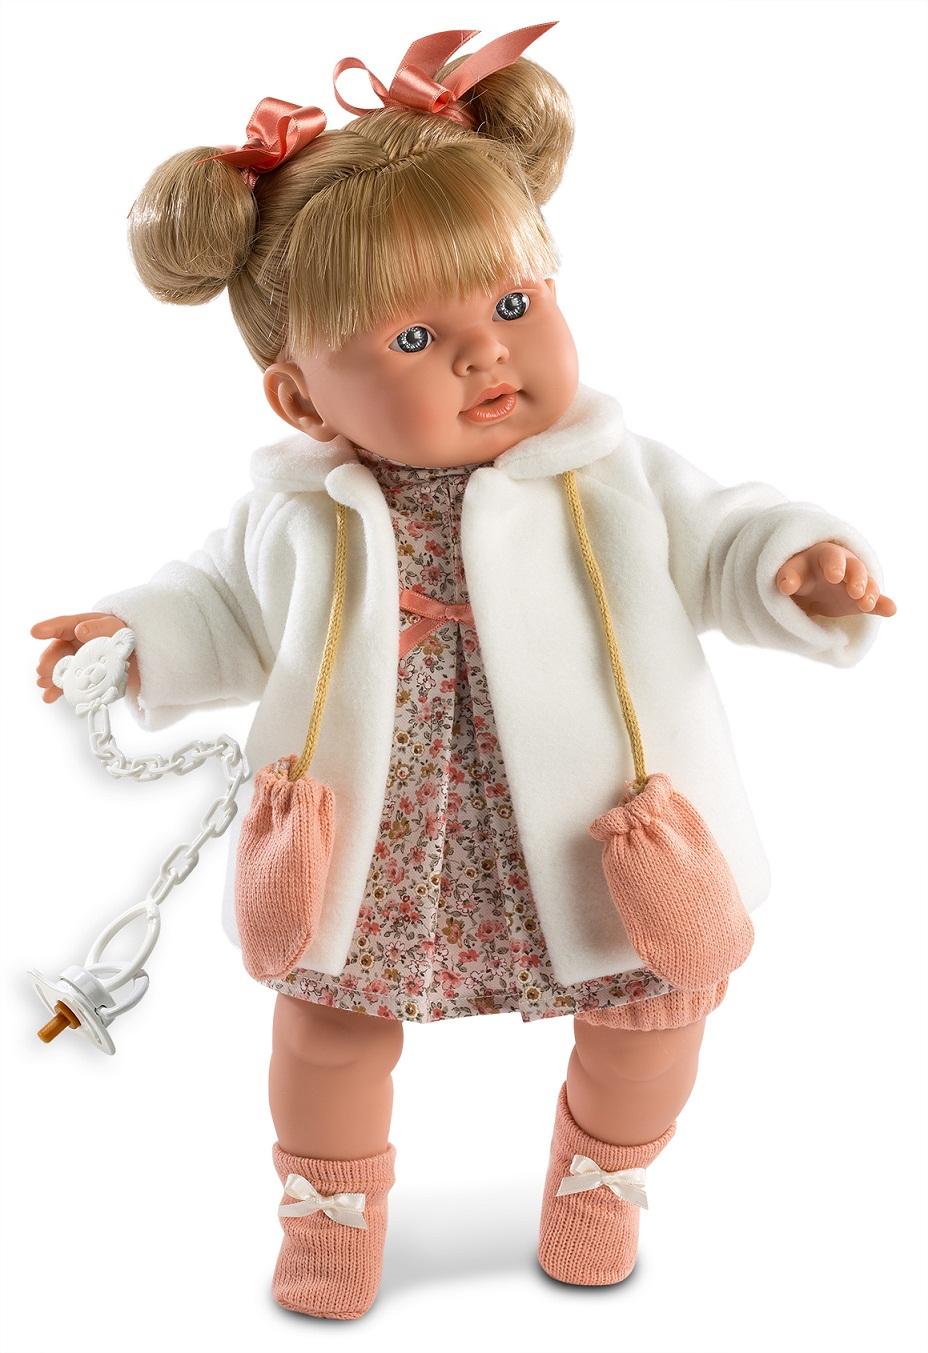 Купить Интерактивная кукла Ирина, 42 см, Llorens Juan